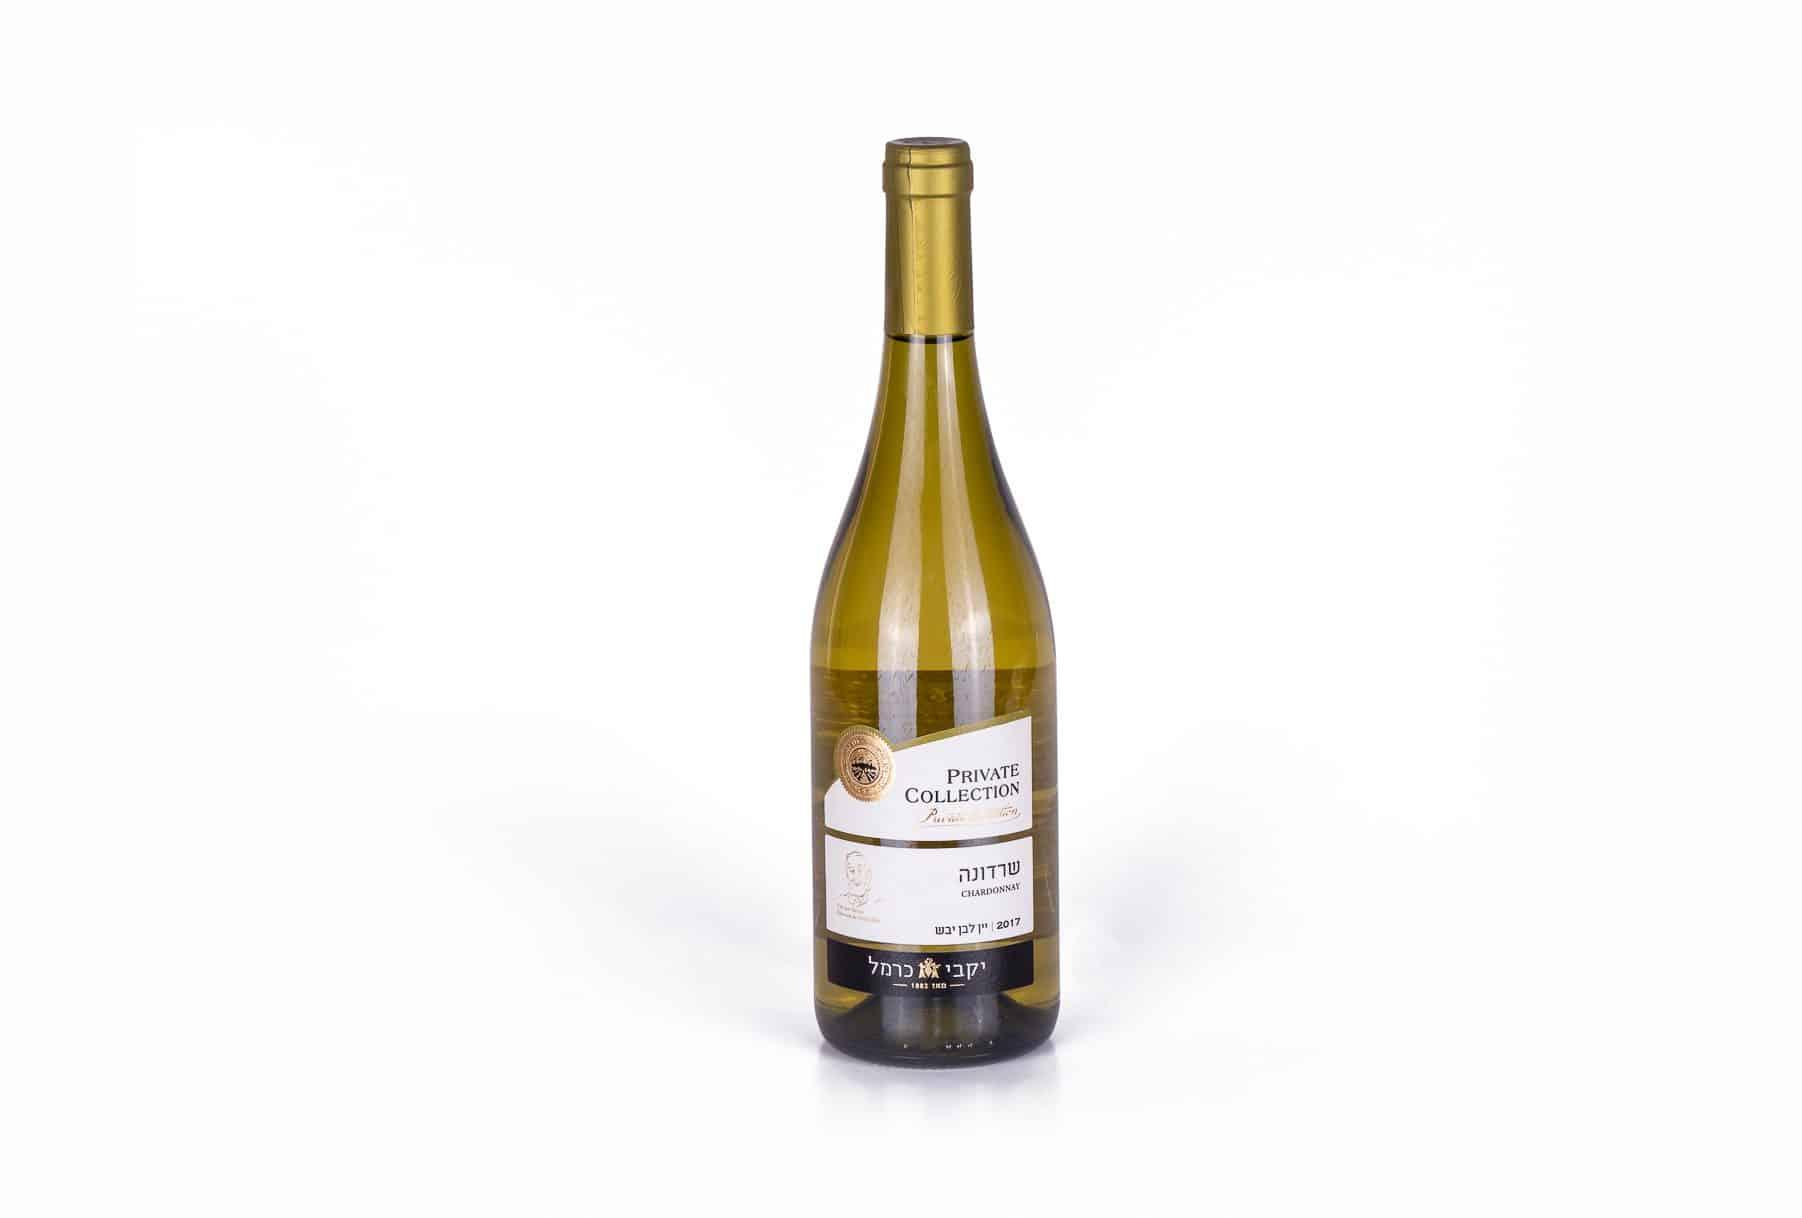 יין יבש לבן שרדונה של יקבי כרמל: תוויות לבקבוקים מודפסות בצבע לבן, כיתוב שחור וחותמת בצבע זהב. היקבים הראשונים של יקבי כרמל נוסדו בשנת-1889 בראשון לציון וזכרון יעקב על ידי הברון בנימין אדמונד דה רוטשילד